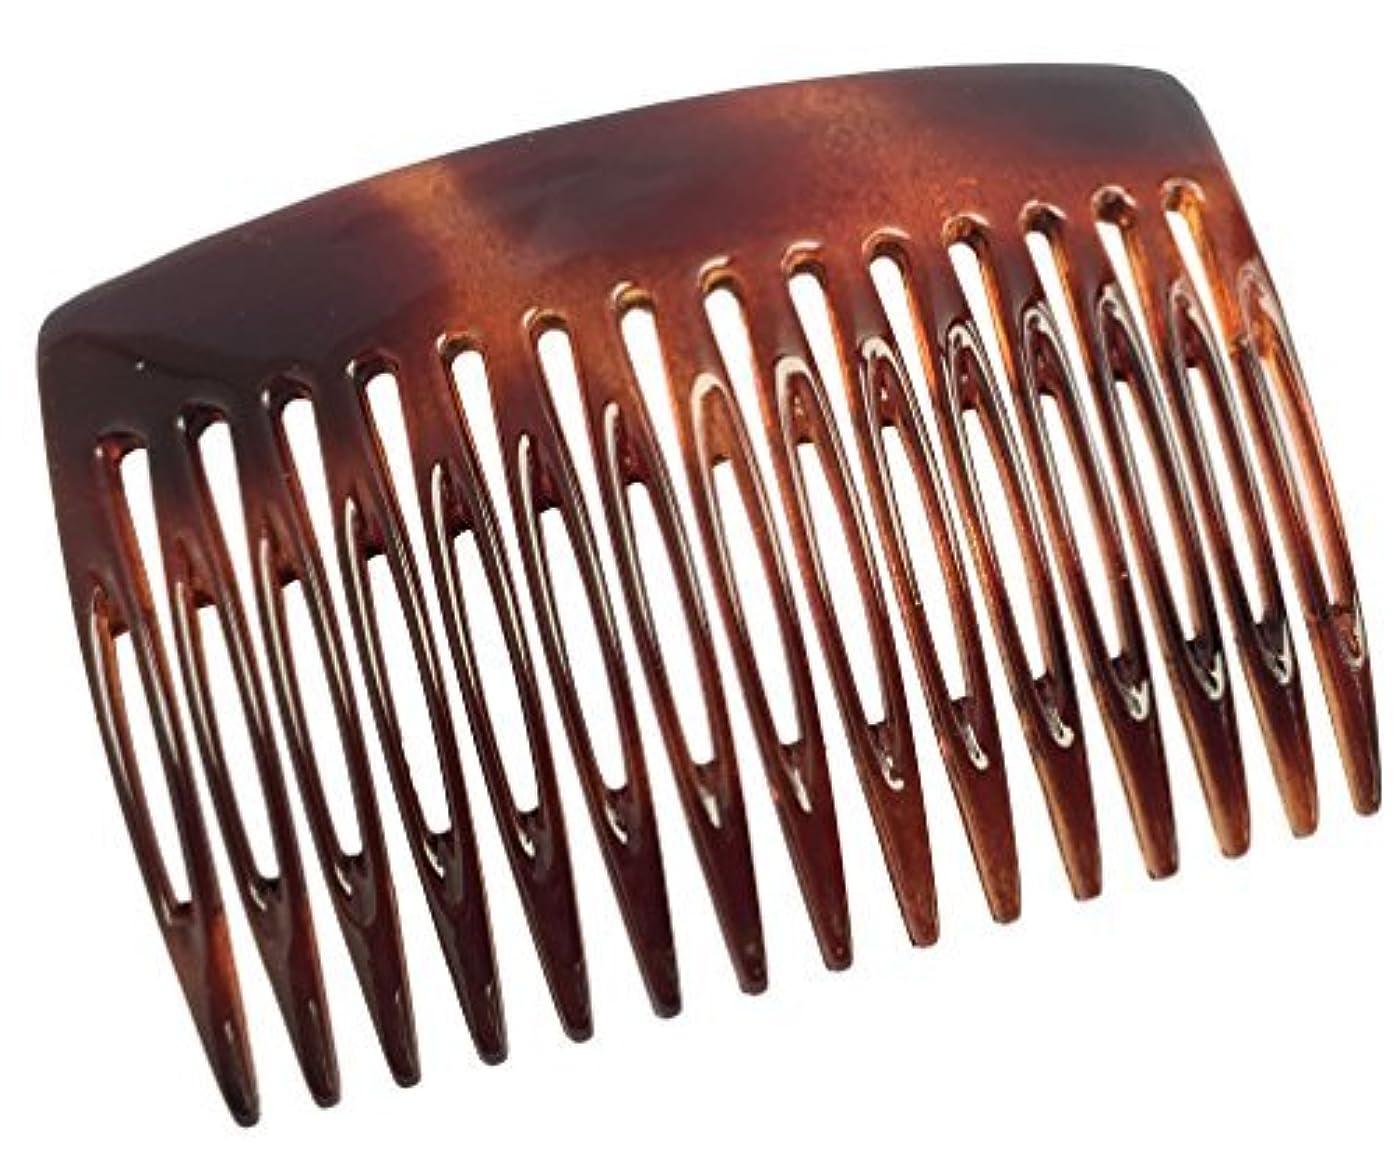 社説豚肉コースParcelona French Nice N Simple 2 Pieces Cellulose Tortoise Shell 7 Cm Side Hair Comb Combs [並行輸入品]